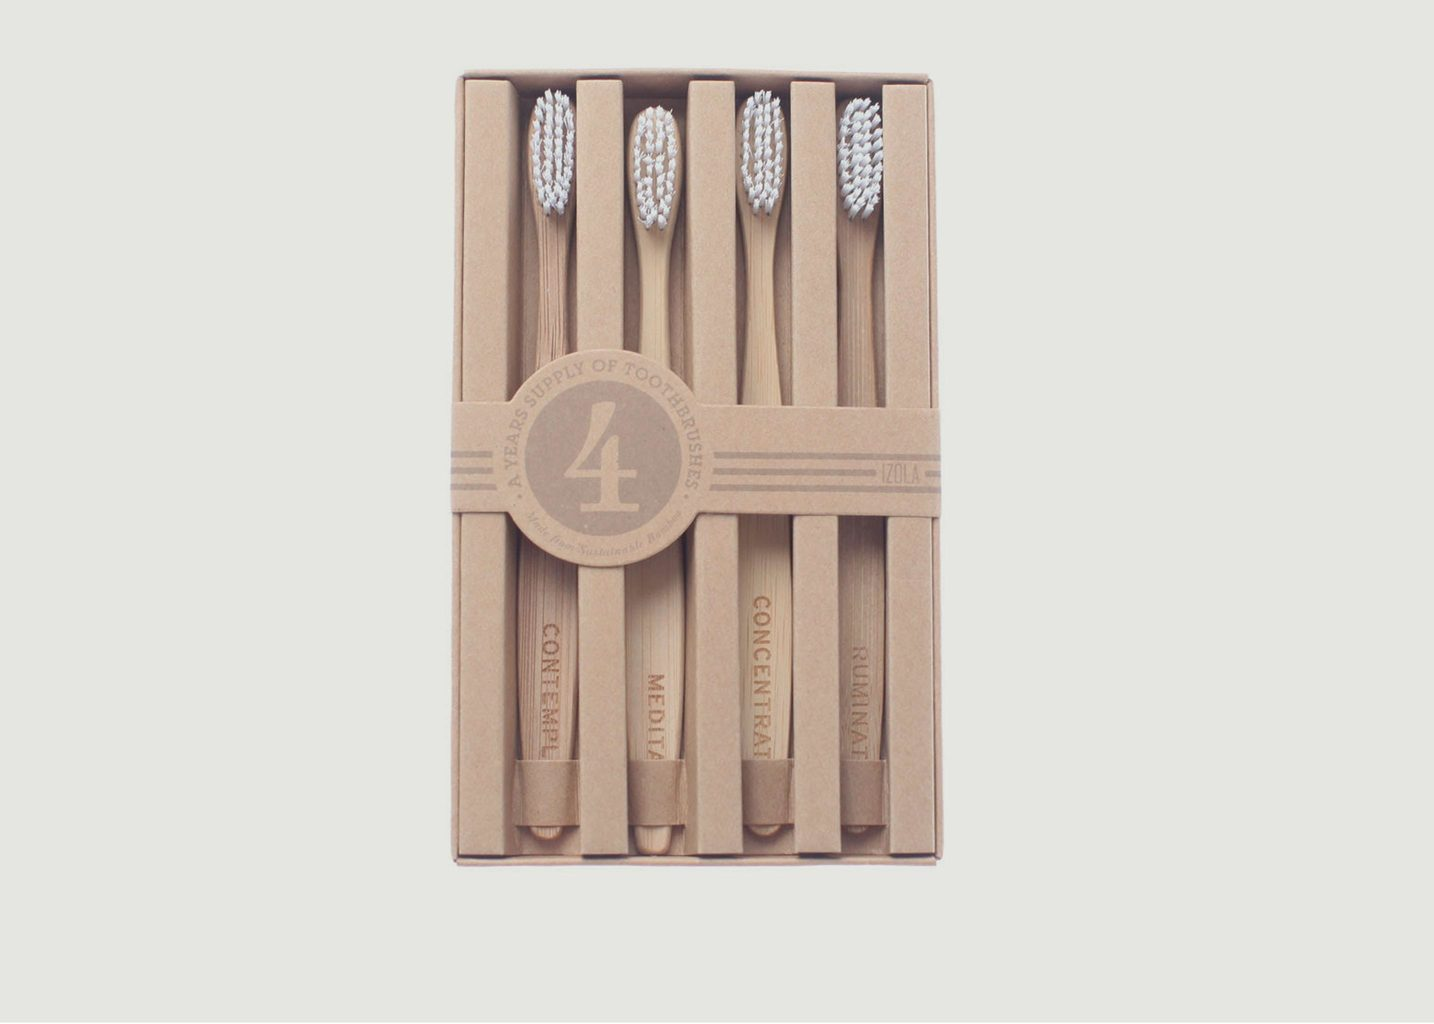 4 Brosses à Dents Bambou Mois de L'Année - Men's Society